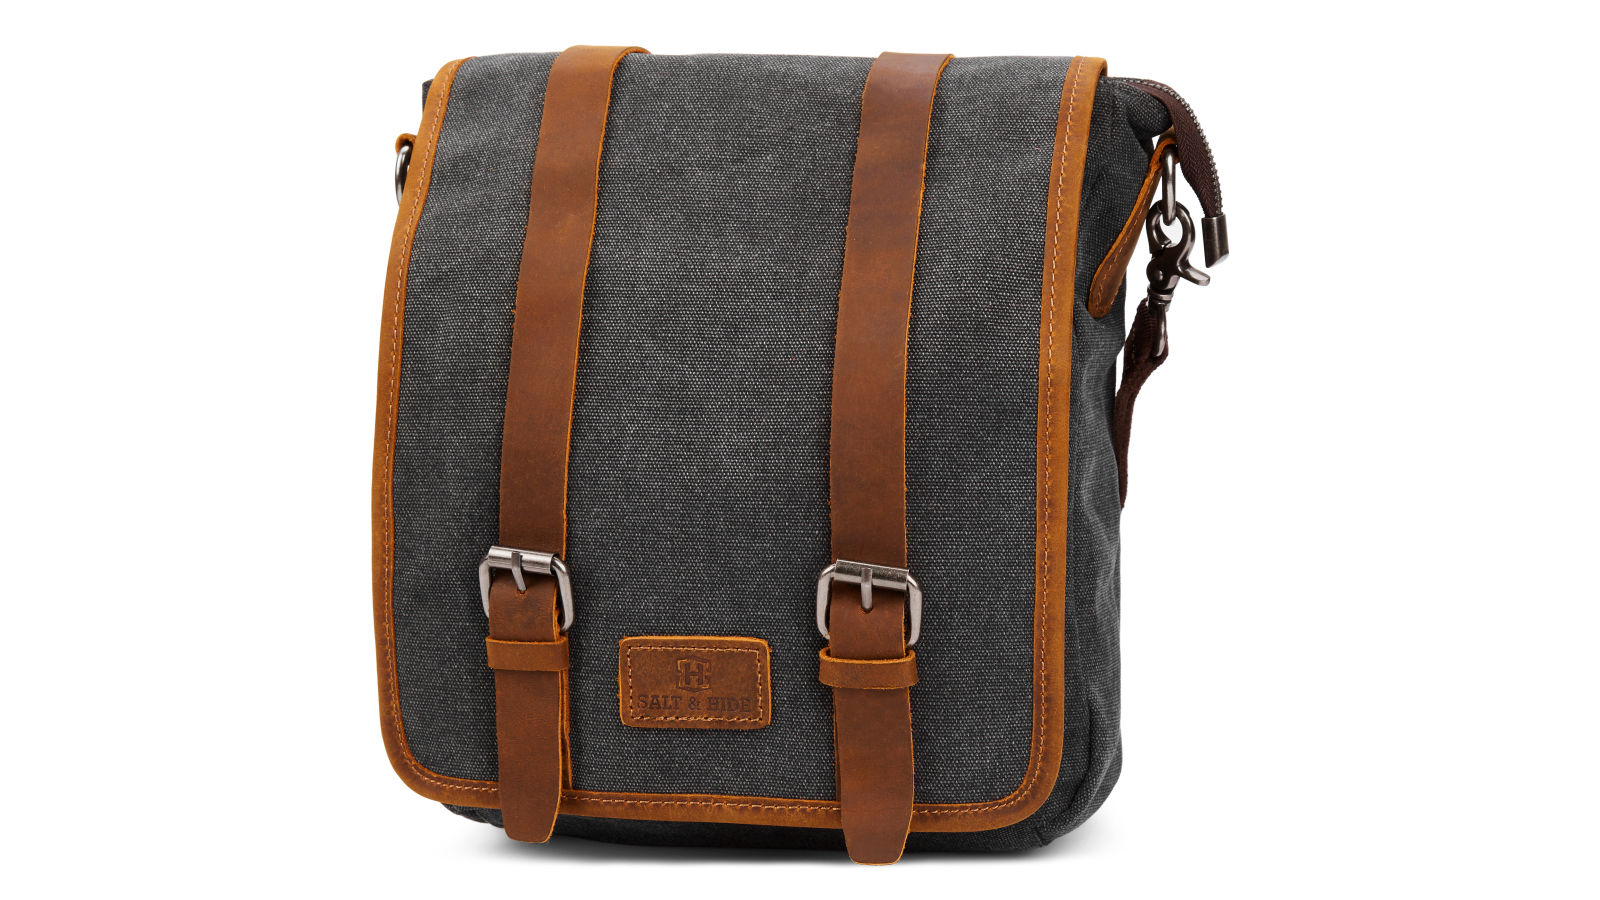 db9ec9fec95 Τσάντα Ταχυδρόμου (Messenger Bag) Sergio Grey & Tan Slim   Γρήγορη αποστολή    Salt & Hide